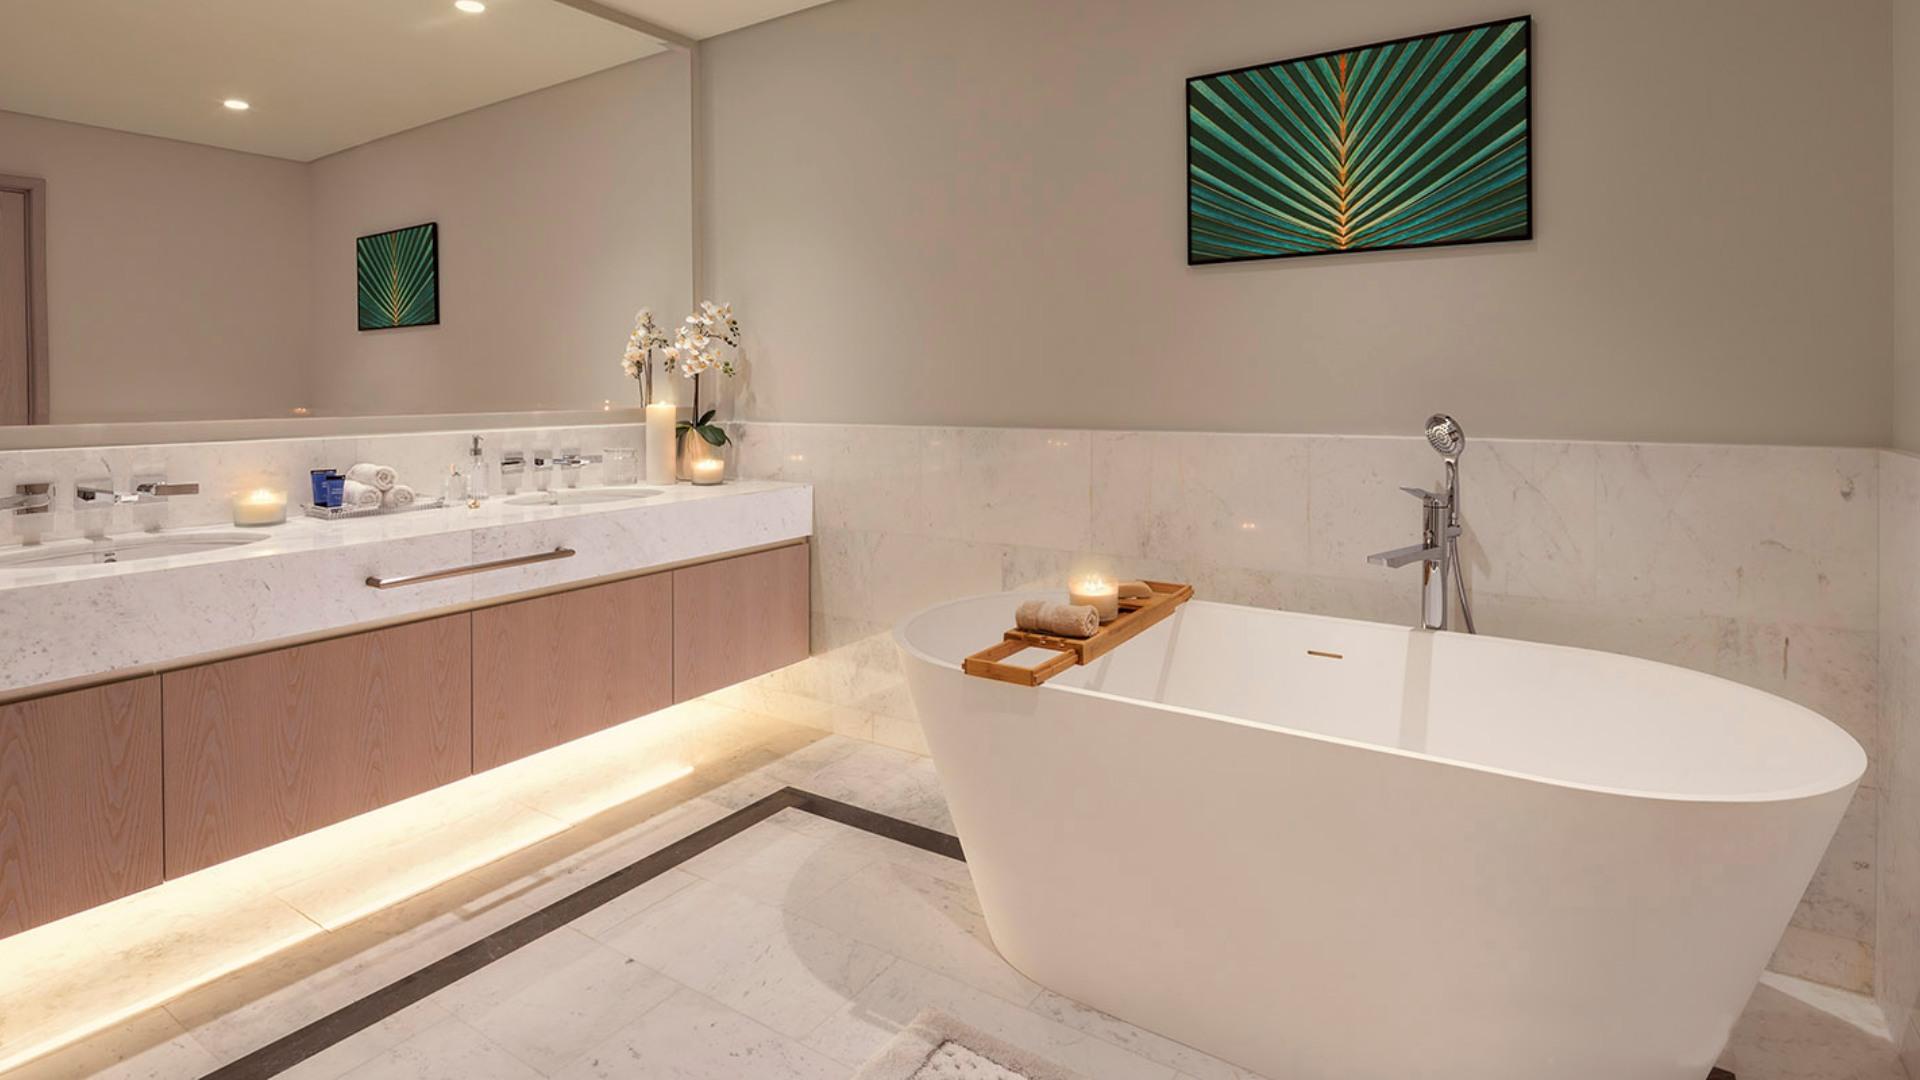 Apartamento en venta en Dubai, EAU, estudio, 49 m2, № 24466 – foto 2